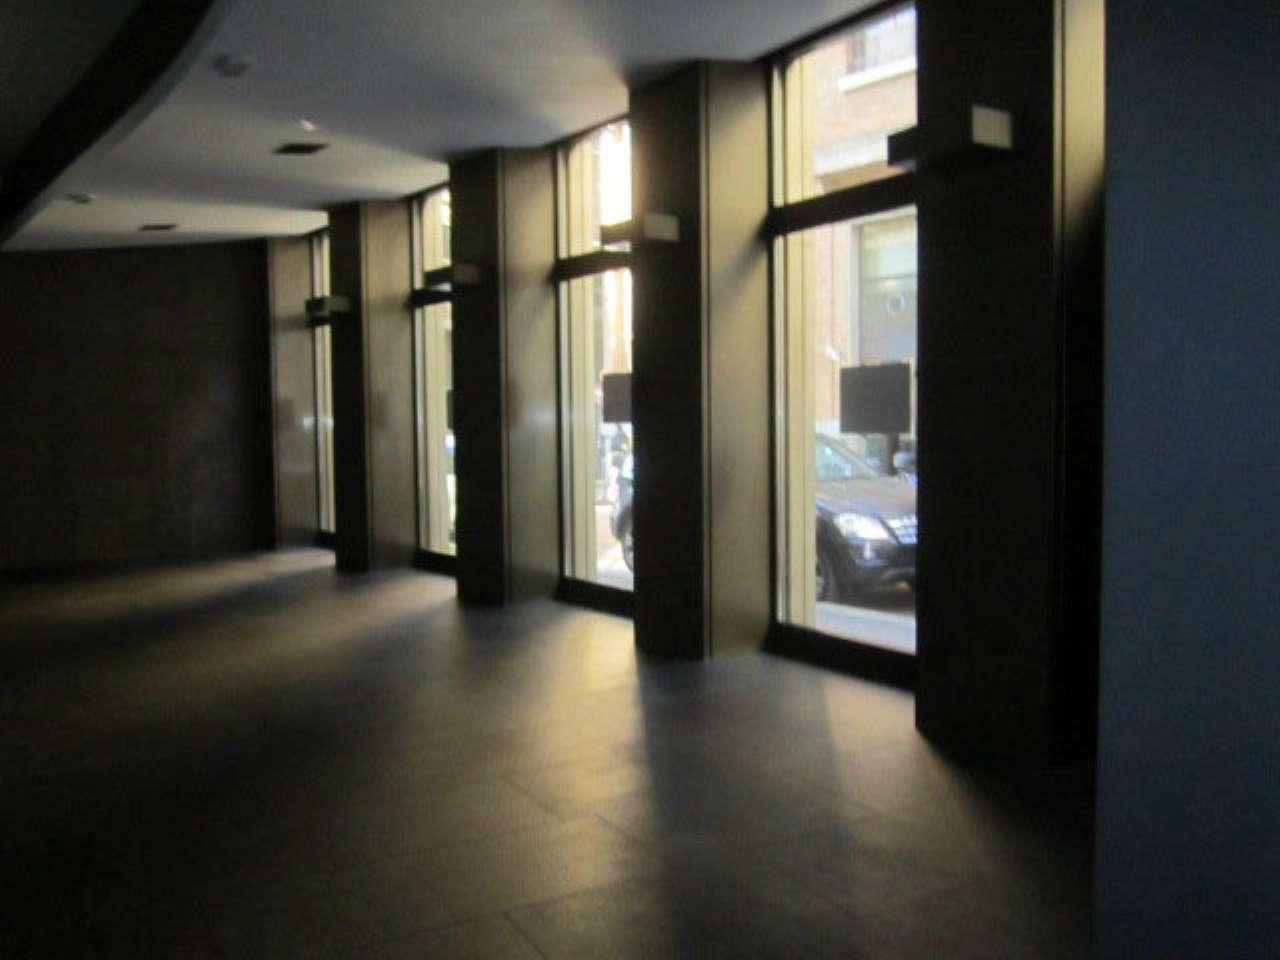 Centro storico - Ampio negozio con più vetrine fronte strada e cortile esclusivo, foto 3